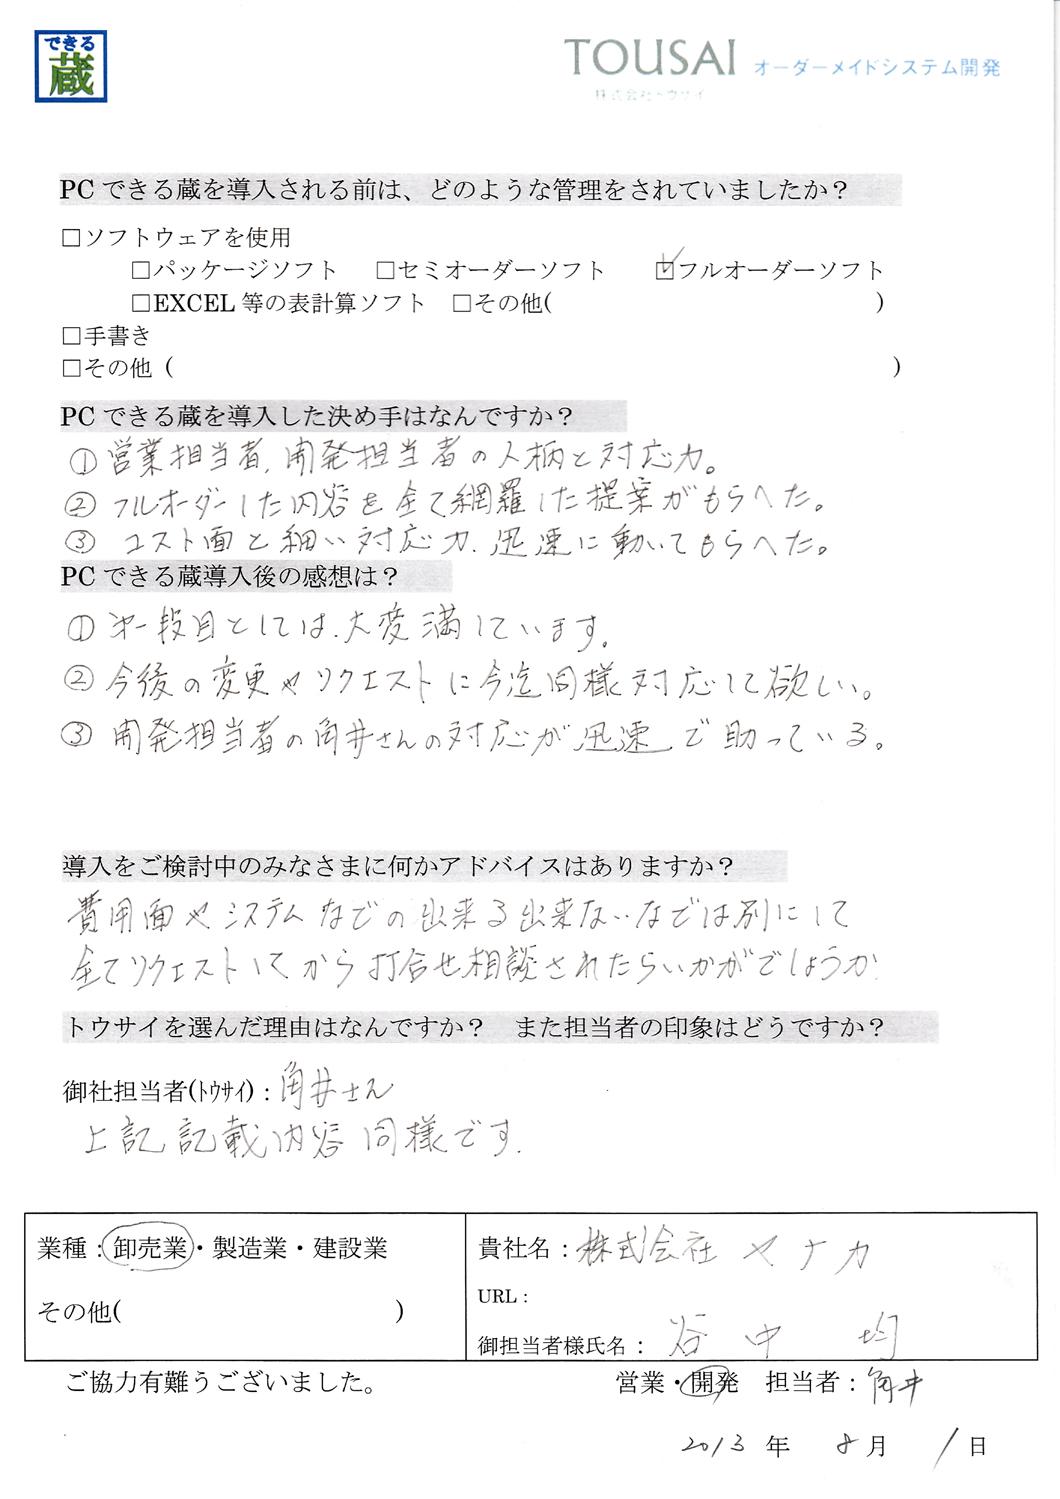 株式会社 ヤナカ様